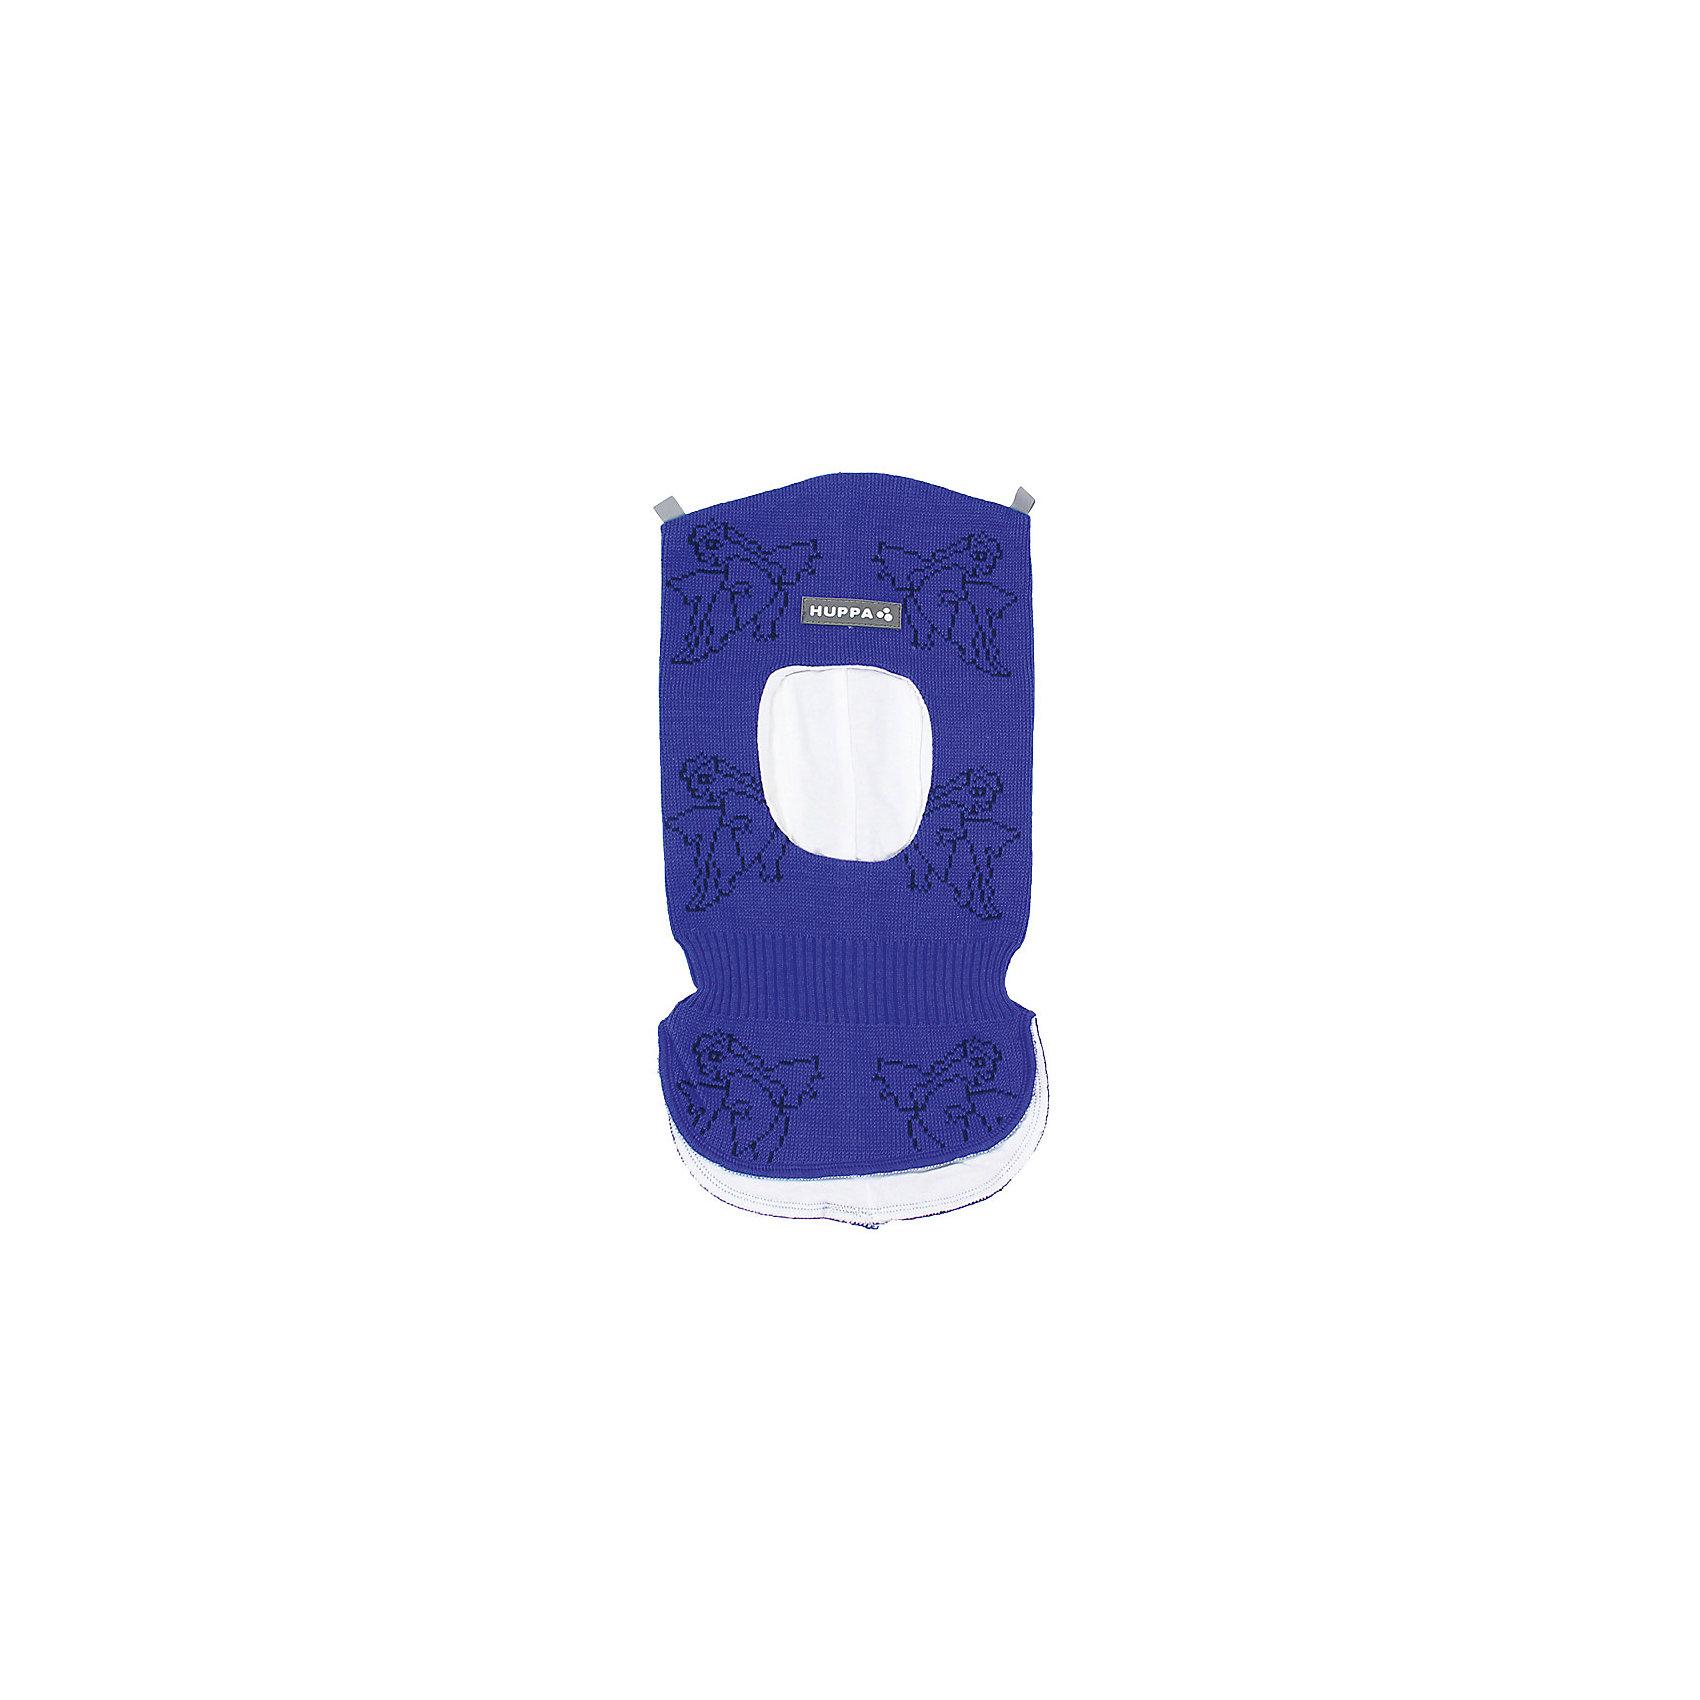 Шапка-шлем SELAH HuppaГоловные уборы<br>Характеристики товара:<br><br>• цвет: синий принт<br>• состав: 50% хлопок, 50% акрил<br>• подкладка: трикотаж - 100% хлопок<br>• температурный режим: от -5°С до +10°С<br>• демисезонная<br>• мягкая резинка на шее<br>• логотип<br>• комфортная посадка<br>• мягкий материал<br>• страна бренда: Эстония<br><br>Эта шапка обеспечит детям тепло и комфорт. Она сделана из приятного на ощупь мягкого материала. Шапка очень симпатично смотрится, а дизайн и расцветка позволяют сочетать её с различной одеждой. Модель была разработана специально для детей.<br><br>Одежда и обувь от популярного эстонского бренда Huppa - отличный вариант одеть ребенка можно и комфортно. Вещи, выпускаемые компанией, качественные, продуманные и очень удобные. Для производства изделий используются только безопасные для детей материалы. Продукция от Huppa порадует и детей, и их родителей!<br><br>Шапку-шлем SELAH от бренда Huppa (Хуппа) можно купить в нашем интернет-магазине.<br><br>Ширина мм: 89<br>Глубина мм: 117<br>Высота мм: 44<br>Вес г: 155<br>Цвет: синий<br>Возраст от месяцев: 6<br>Возраст до месяцев: 12<br>Пол: Мужской<br>Возраст: Детский<br>Размер: 43-45,51-53,47-49<br>SKU: 5347617